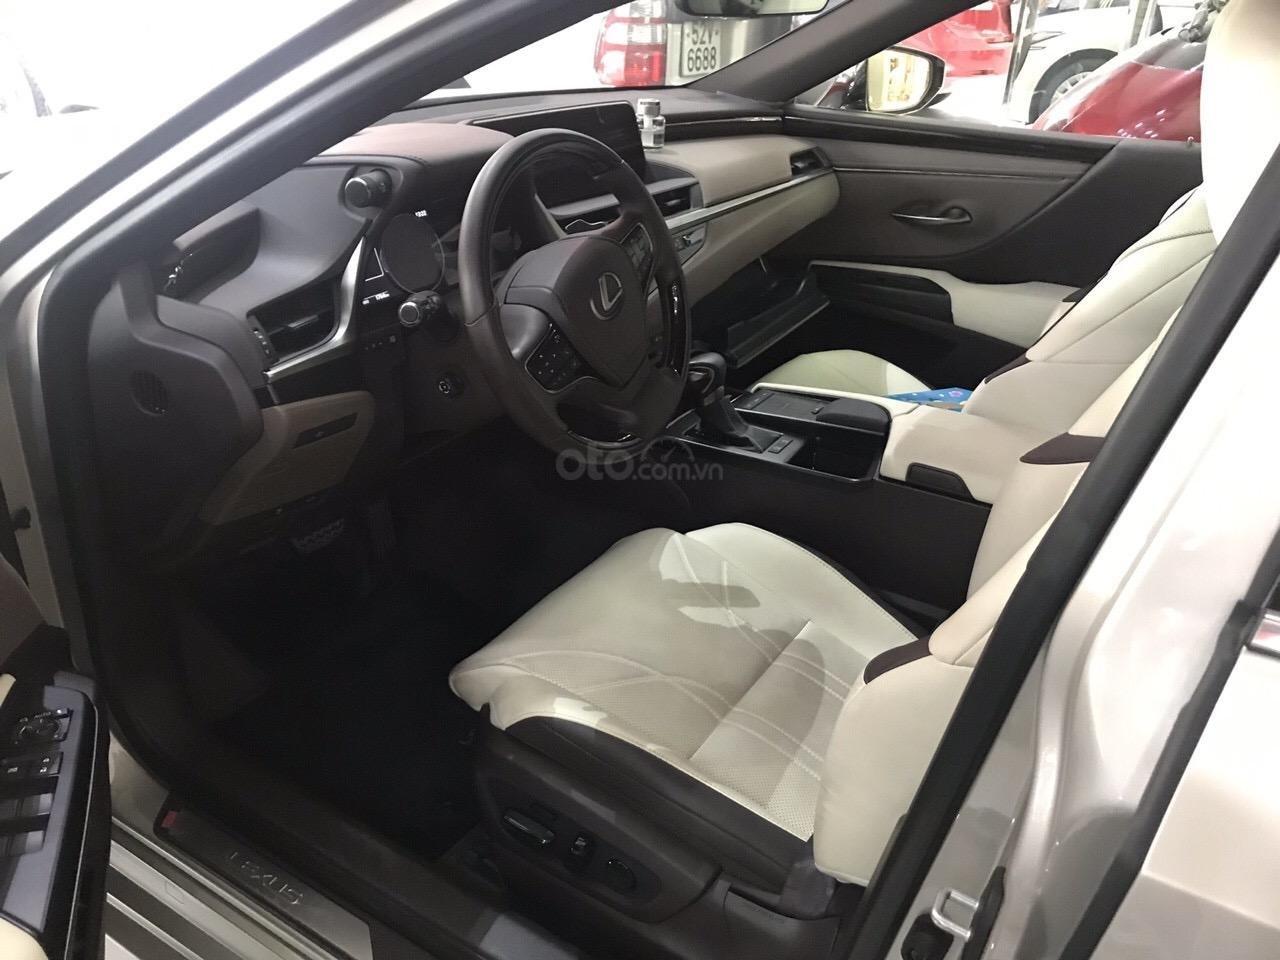 Bán Lexus ES 250 2019, đi đúng 2500km siêu lướt, bảo hành 3 năm bao kiểm tra chất lượng xe tại hãng (6)